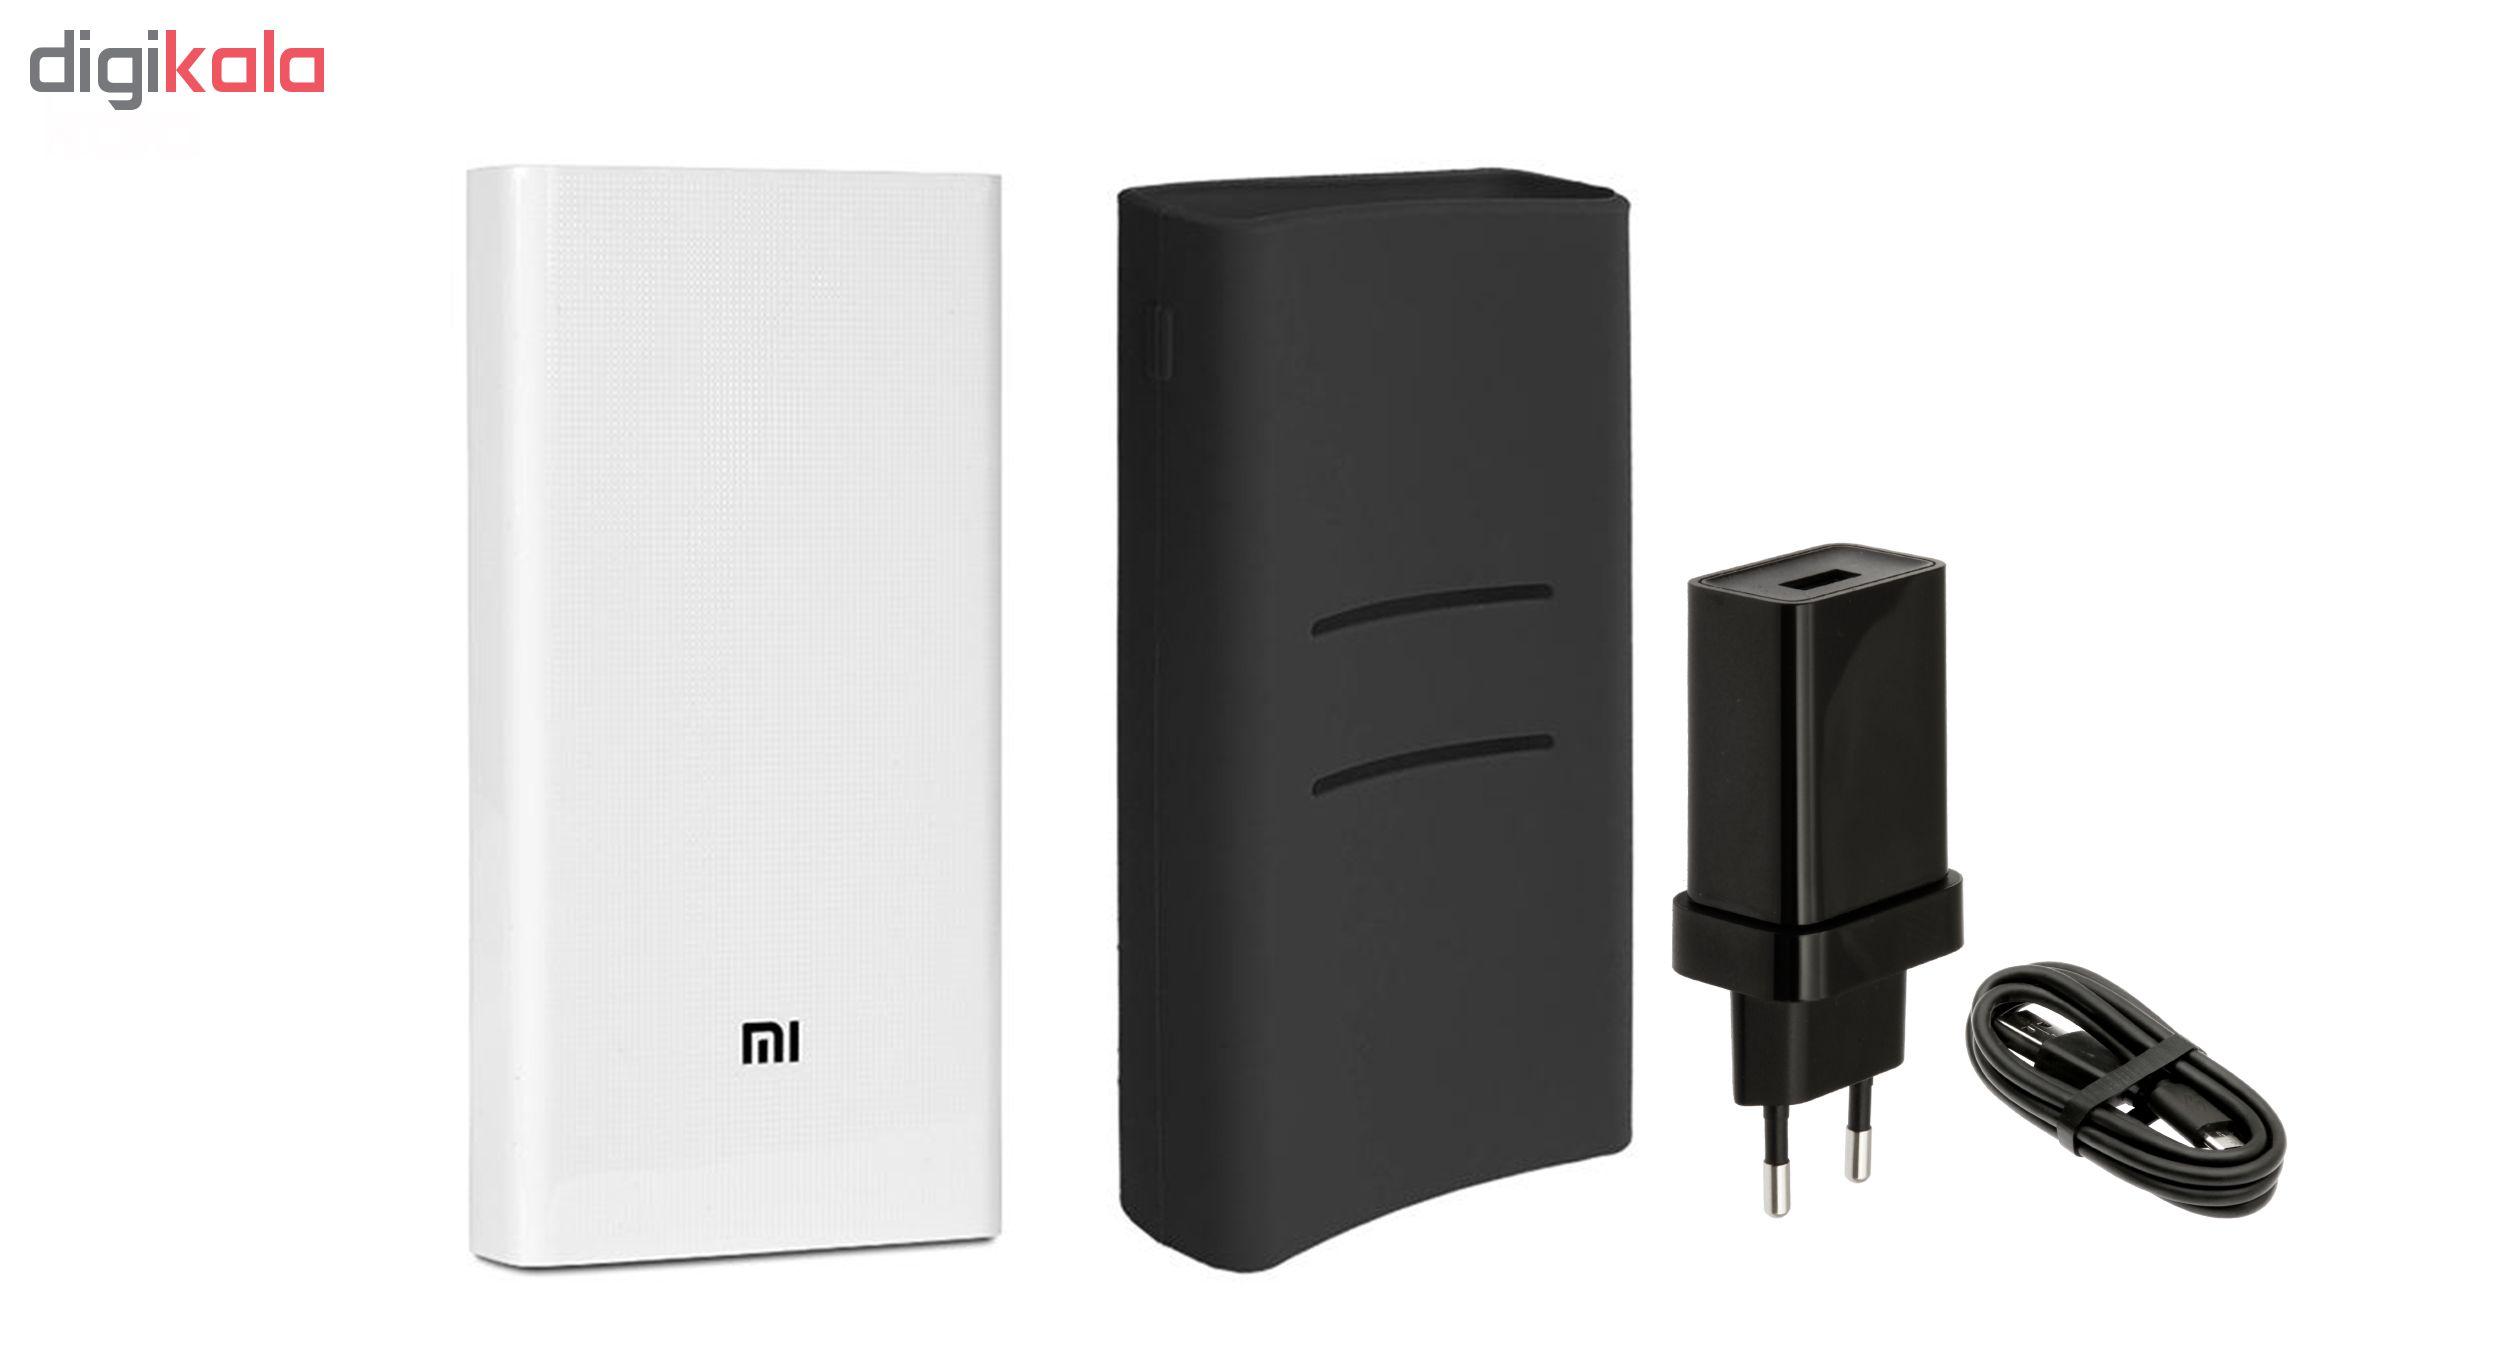 شارژر همراه شیائومی مدل 2C ظرفیت 20000 میلی آمپر ساعت به همراه کاور سیلیکونی و شارژر دیواری وکابل تبدیل USB به microUSB